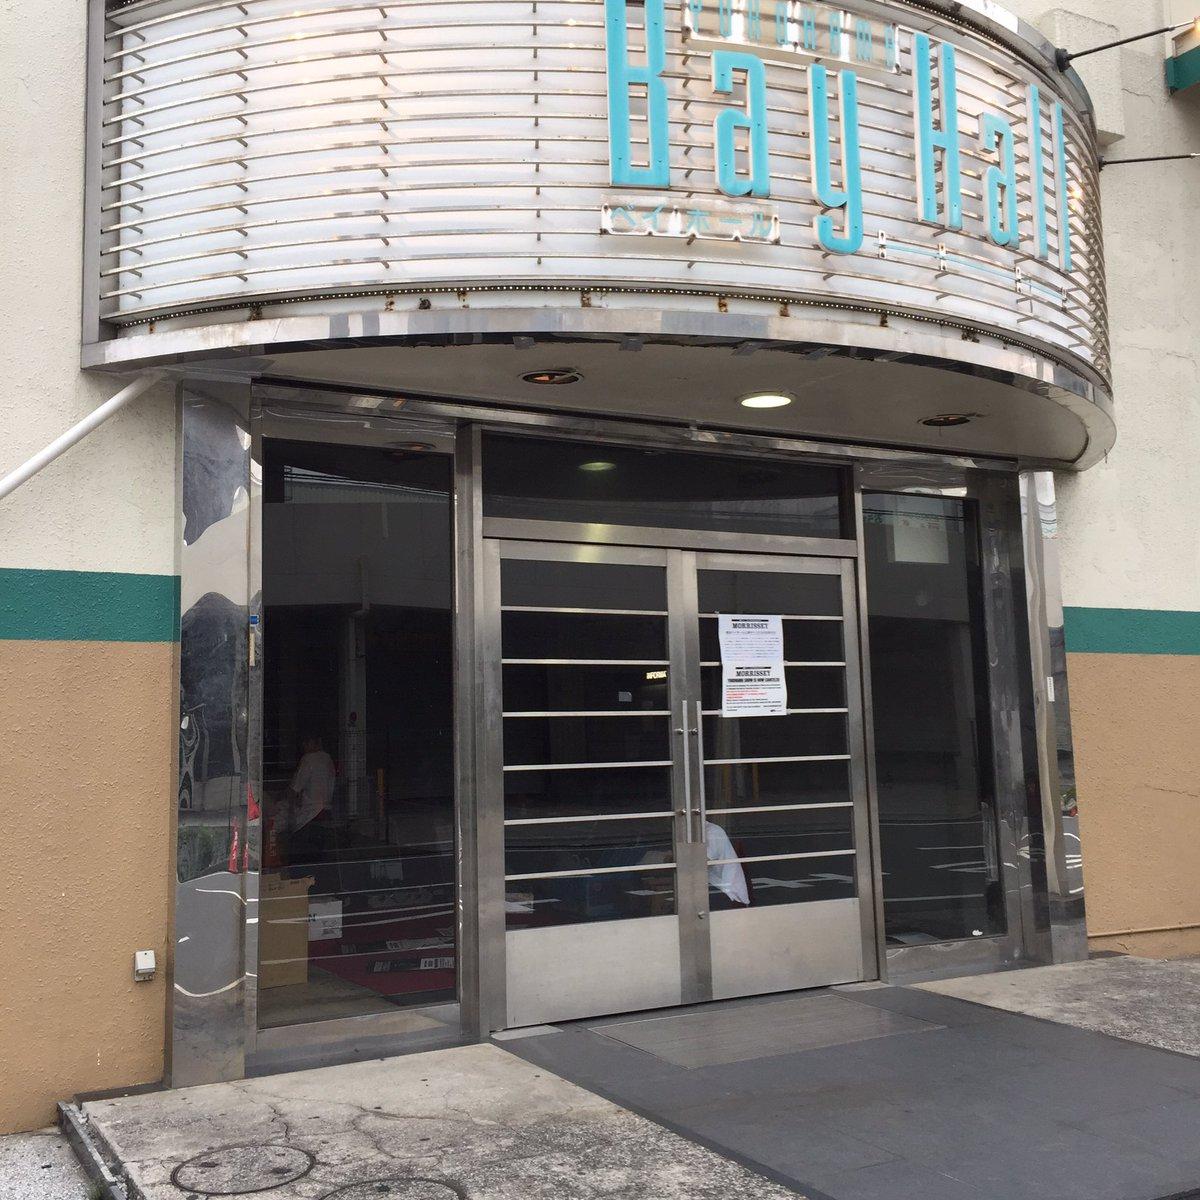 止ん事無き事由によりモリッシー公演が中止となったベイホール。肉を焼いている人はいませんでした。現場からは以上です。 https://t.co/vgEah1XiLE